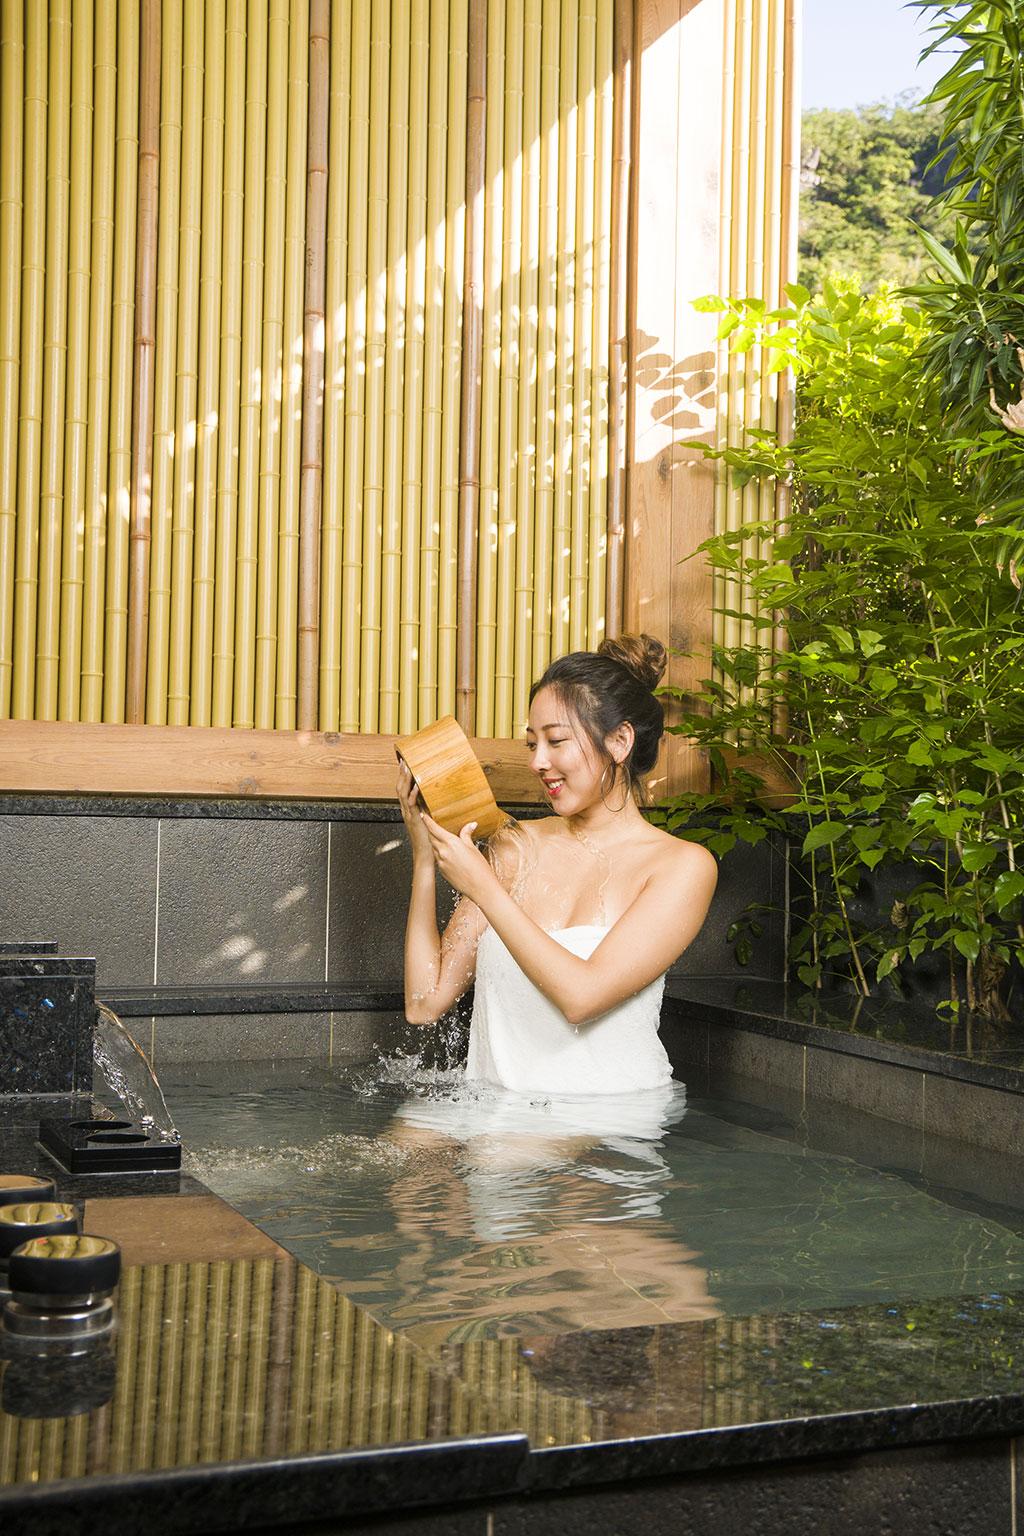 北投天然温泉的泉质促进美容养颜和身体健康